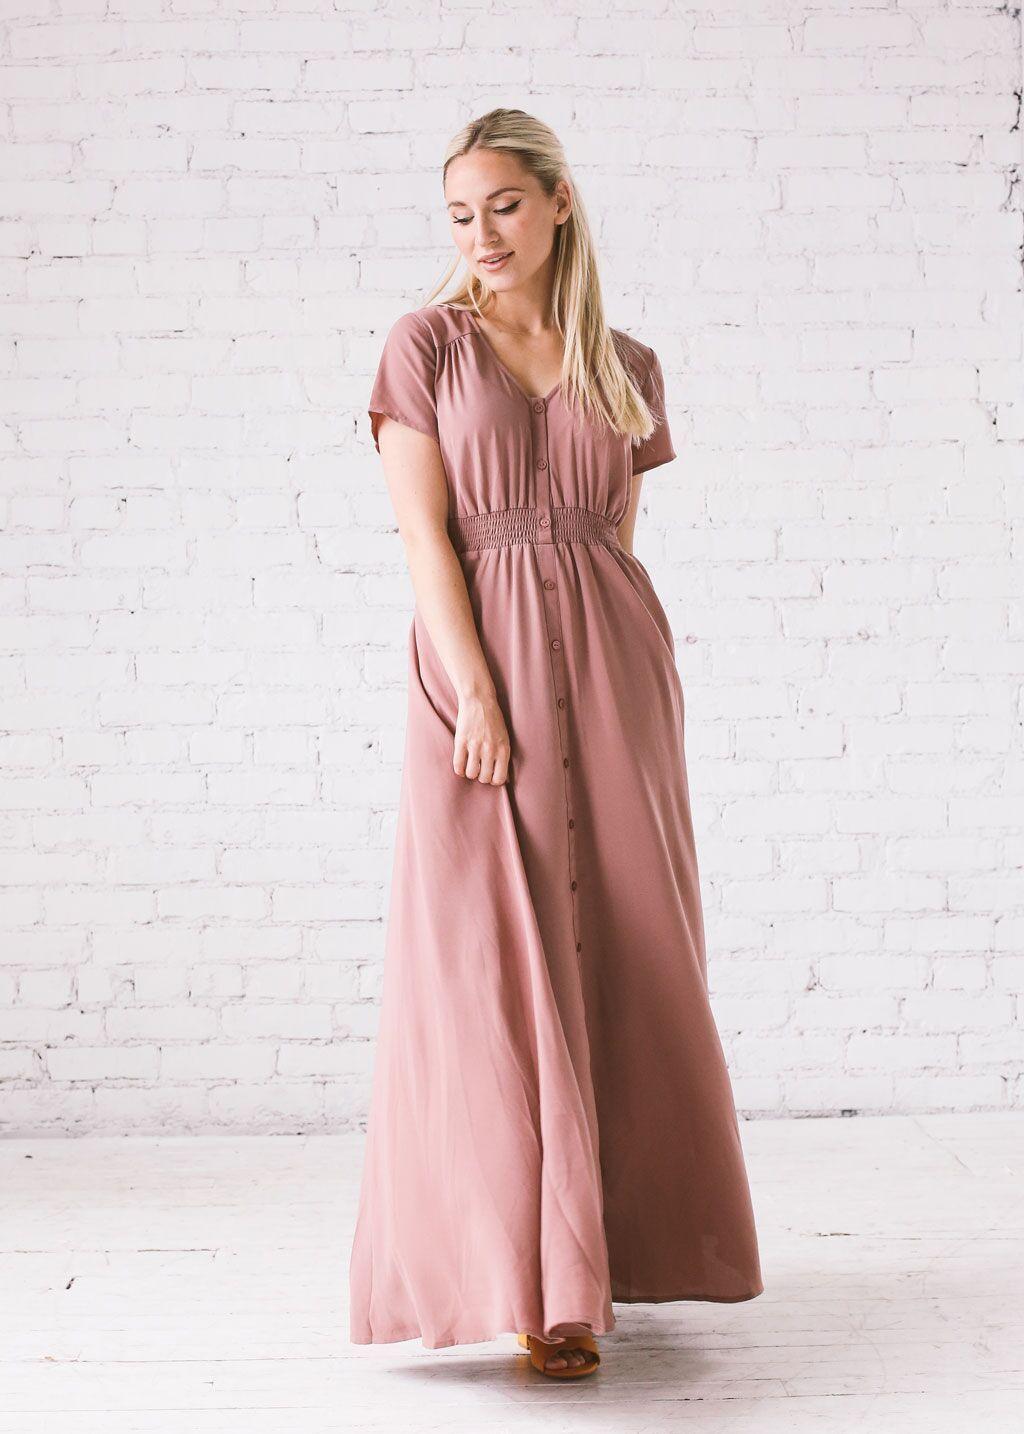 38++ Dusty rose maxi dress ideas in 2021